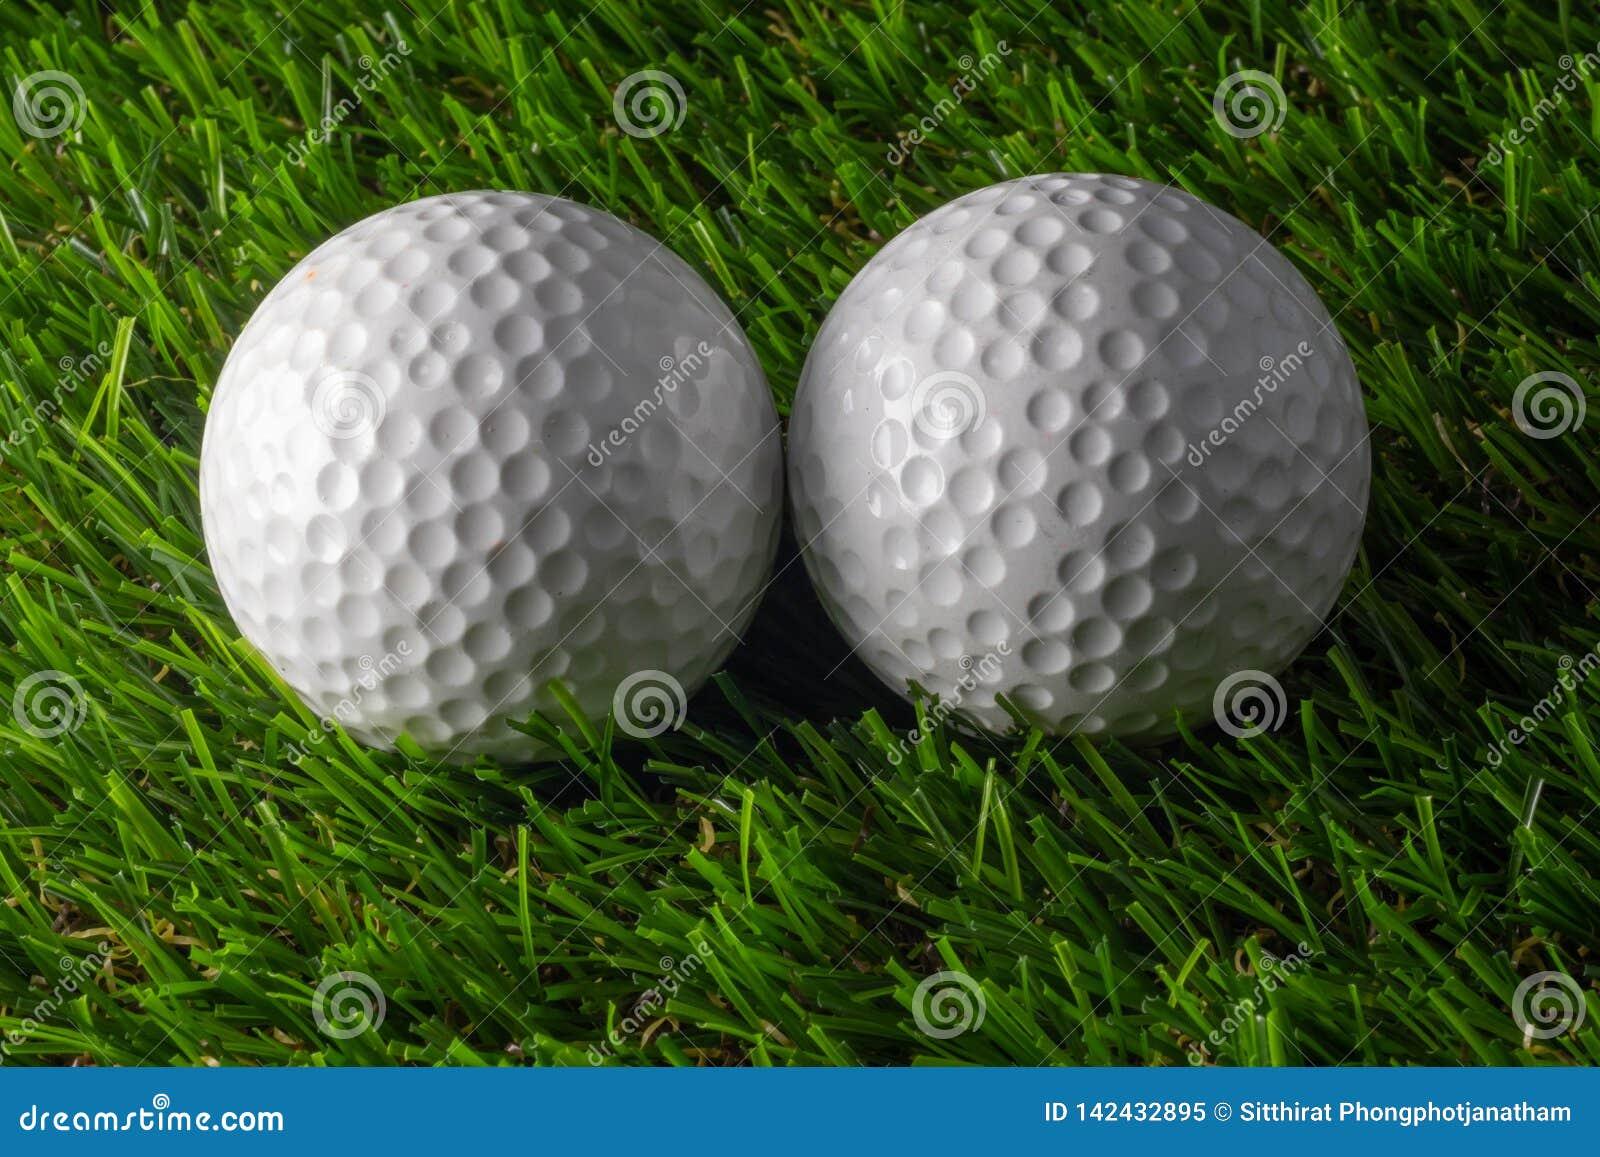 Golfboll två på gräs